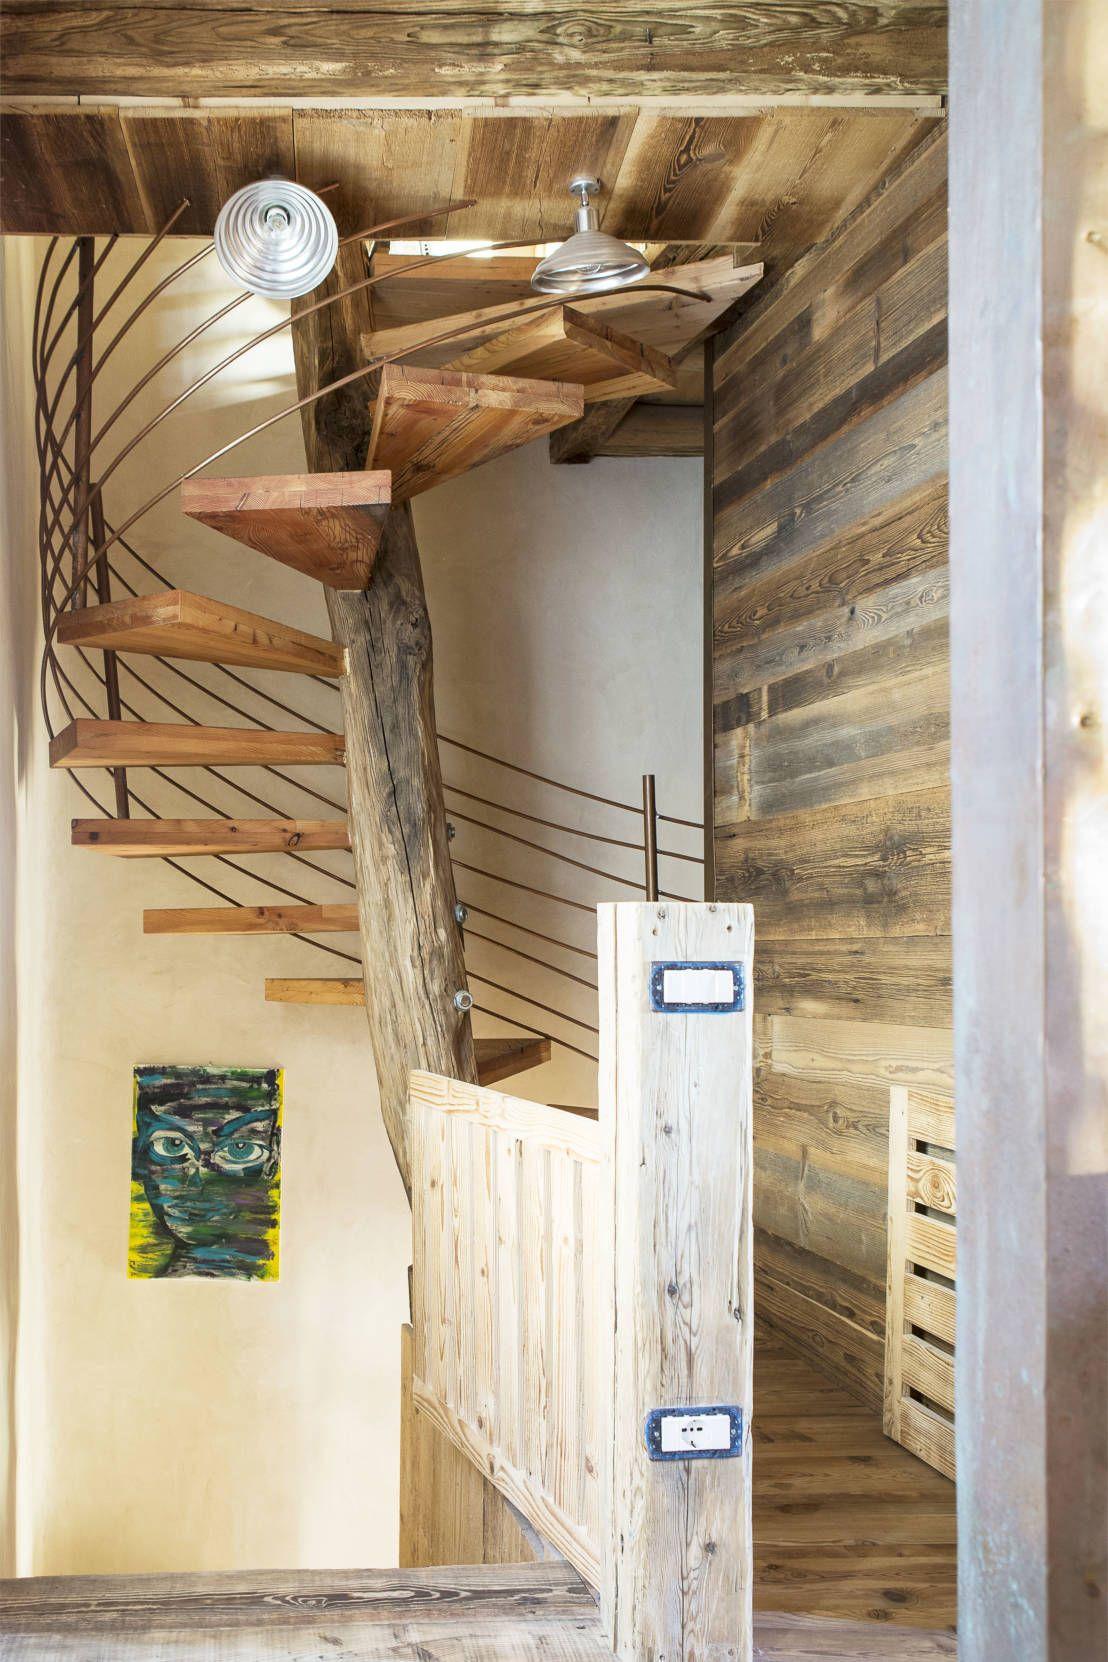 Wohnideen aus Holz für ein gemütliches Zuhause | coole Ideen ...